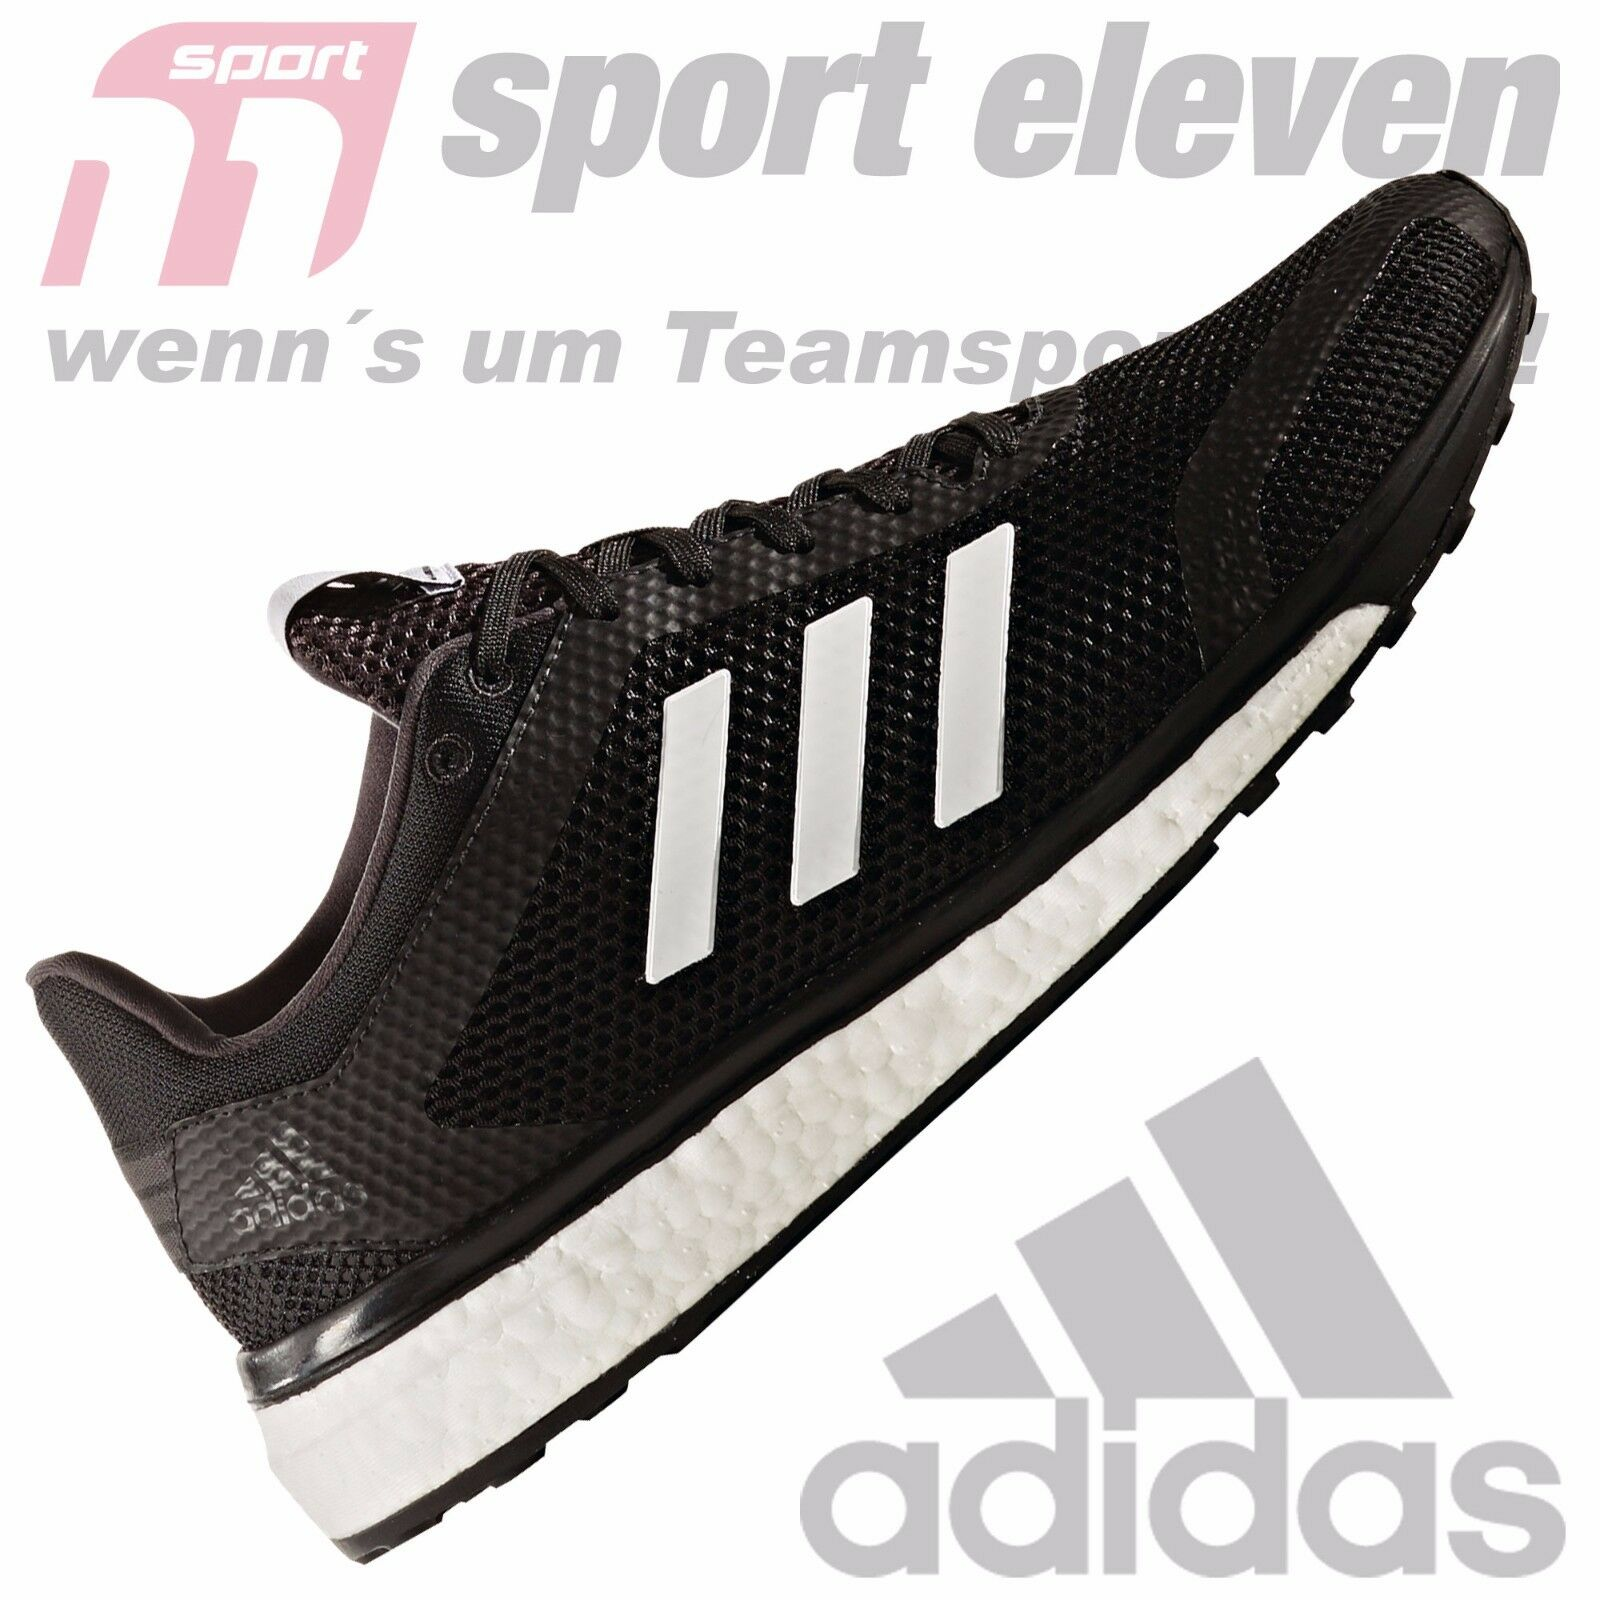 Adidas Response + m Laufschuhe Herren schwarz weiß - BB2982